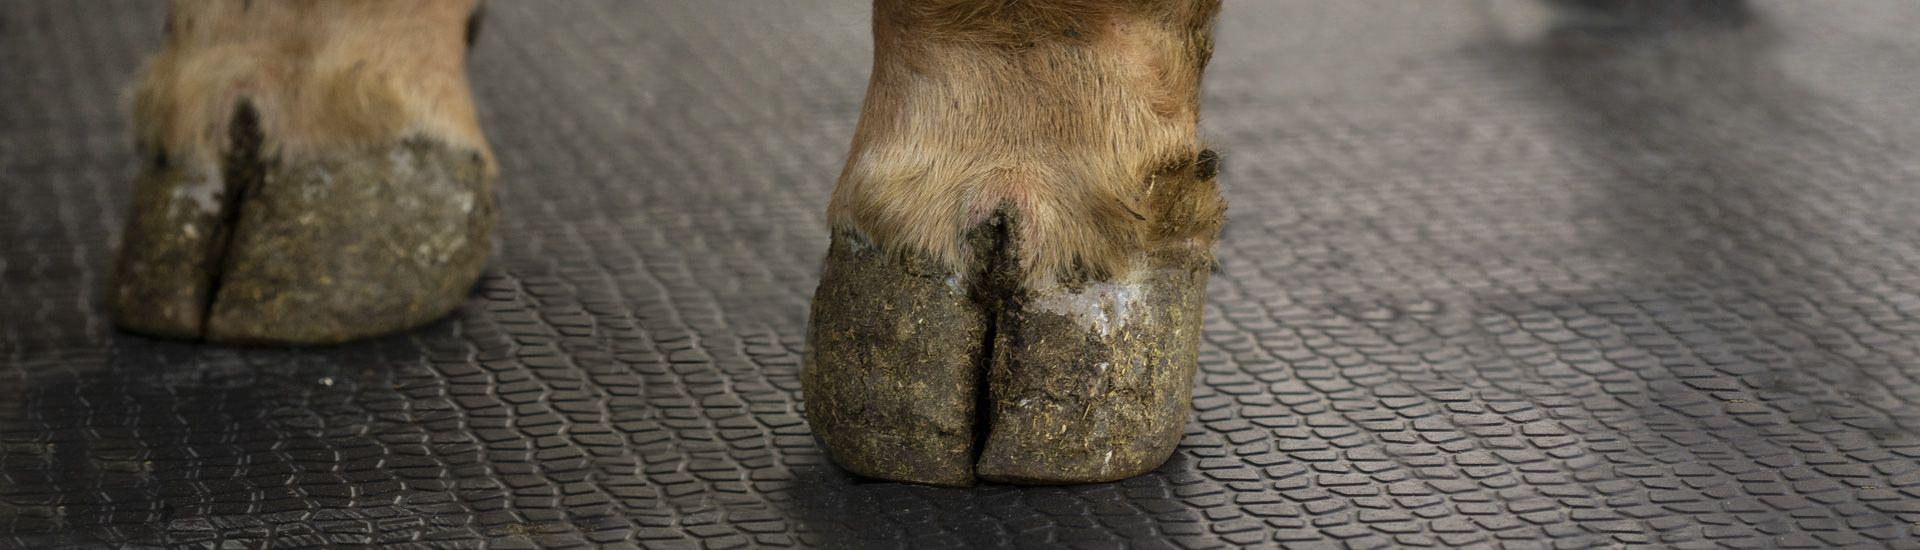 KRAIBURG rubber floorings for paved/concrete floor in bull fattening